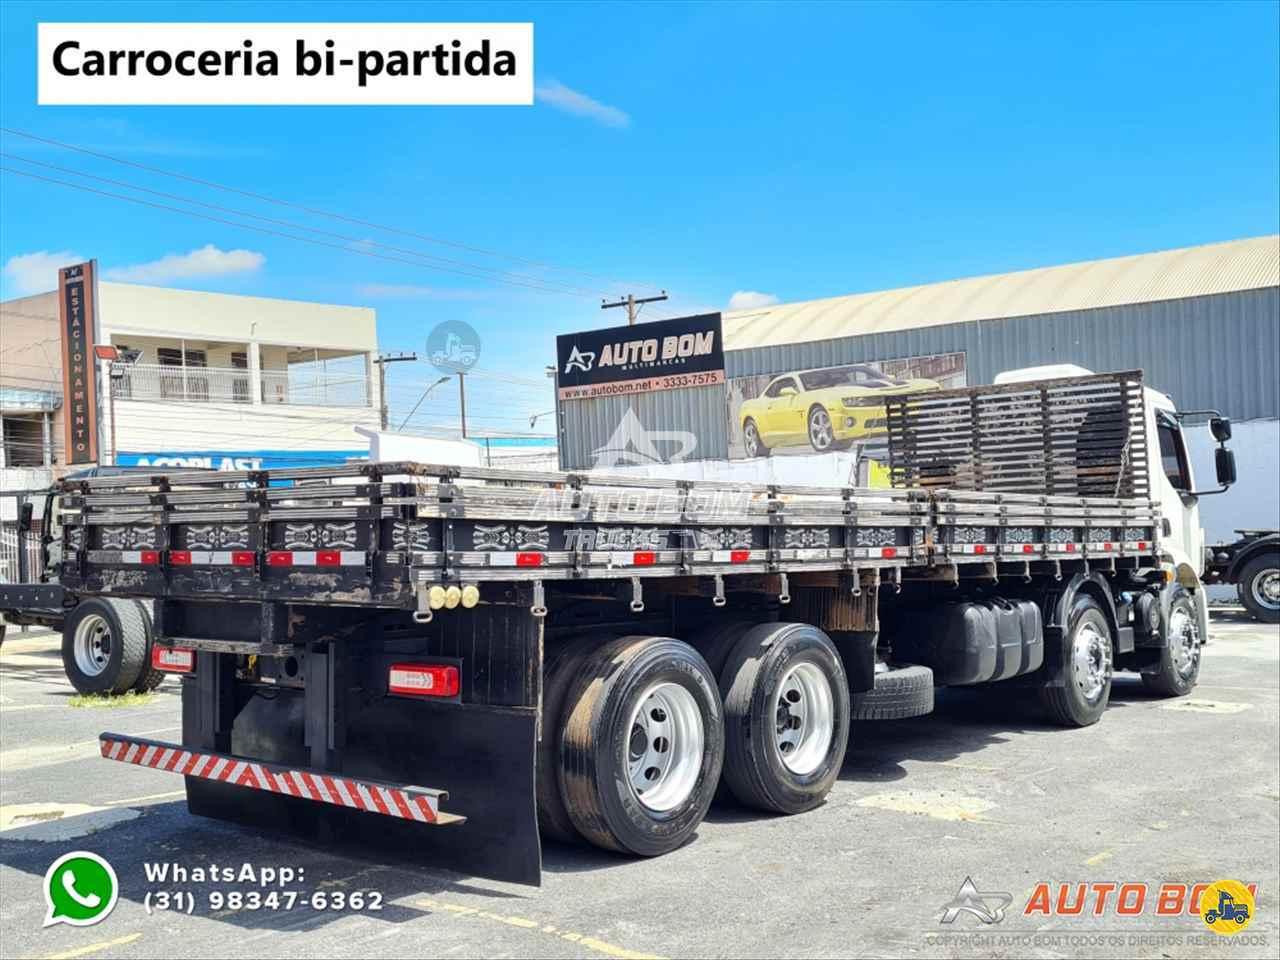 CARROCERIA SOBRE CHASSI  TRUCK CARGA SECA Autobom Trucks CONTAGEM MINAS GERAIS MG